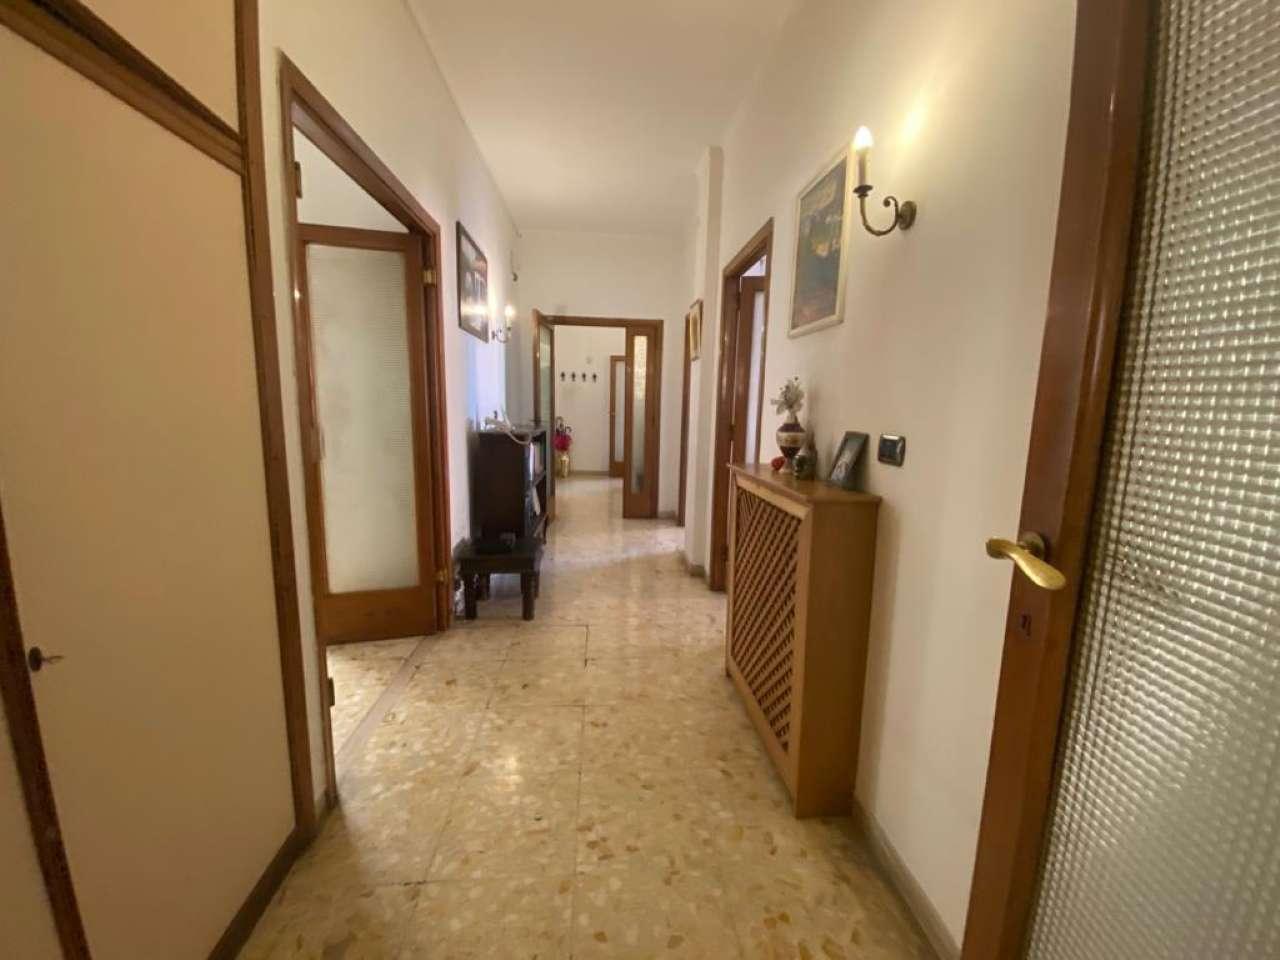 Appartamento, Via Francesco Cilea, Zona Vomero, Napoli, foto 10